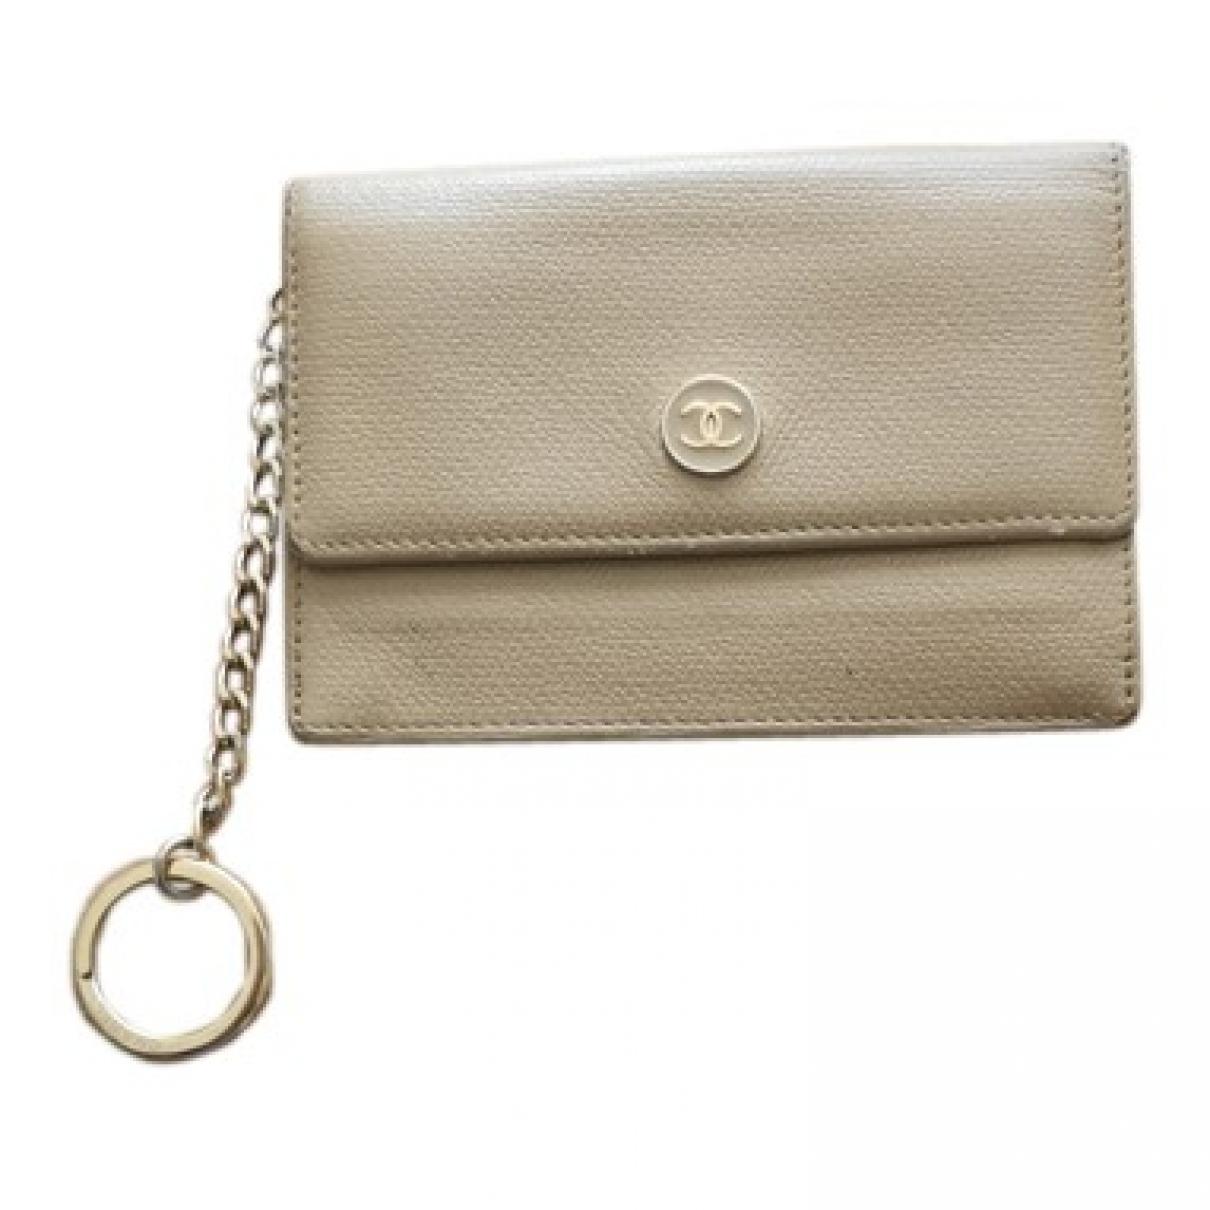 Chanel - Petite maroquinerie   pour femme en cuir - beige